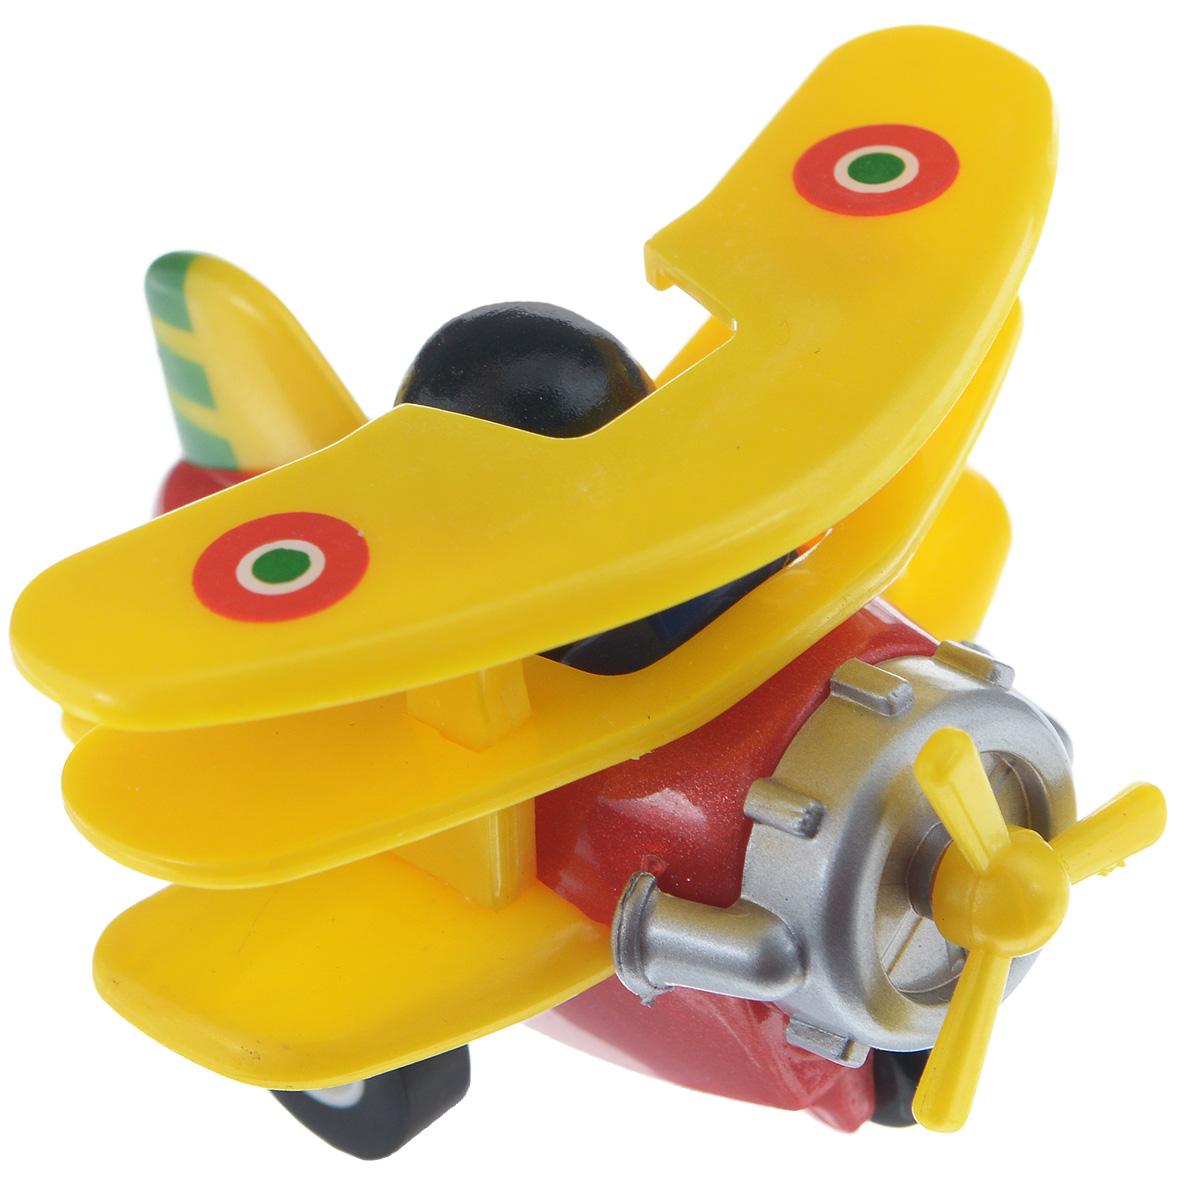 Hans Самолет инерционный цвет желтый красный ключ воротка hans 6100nq